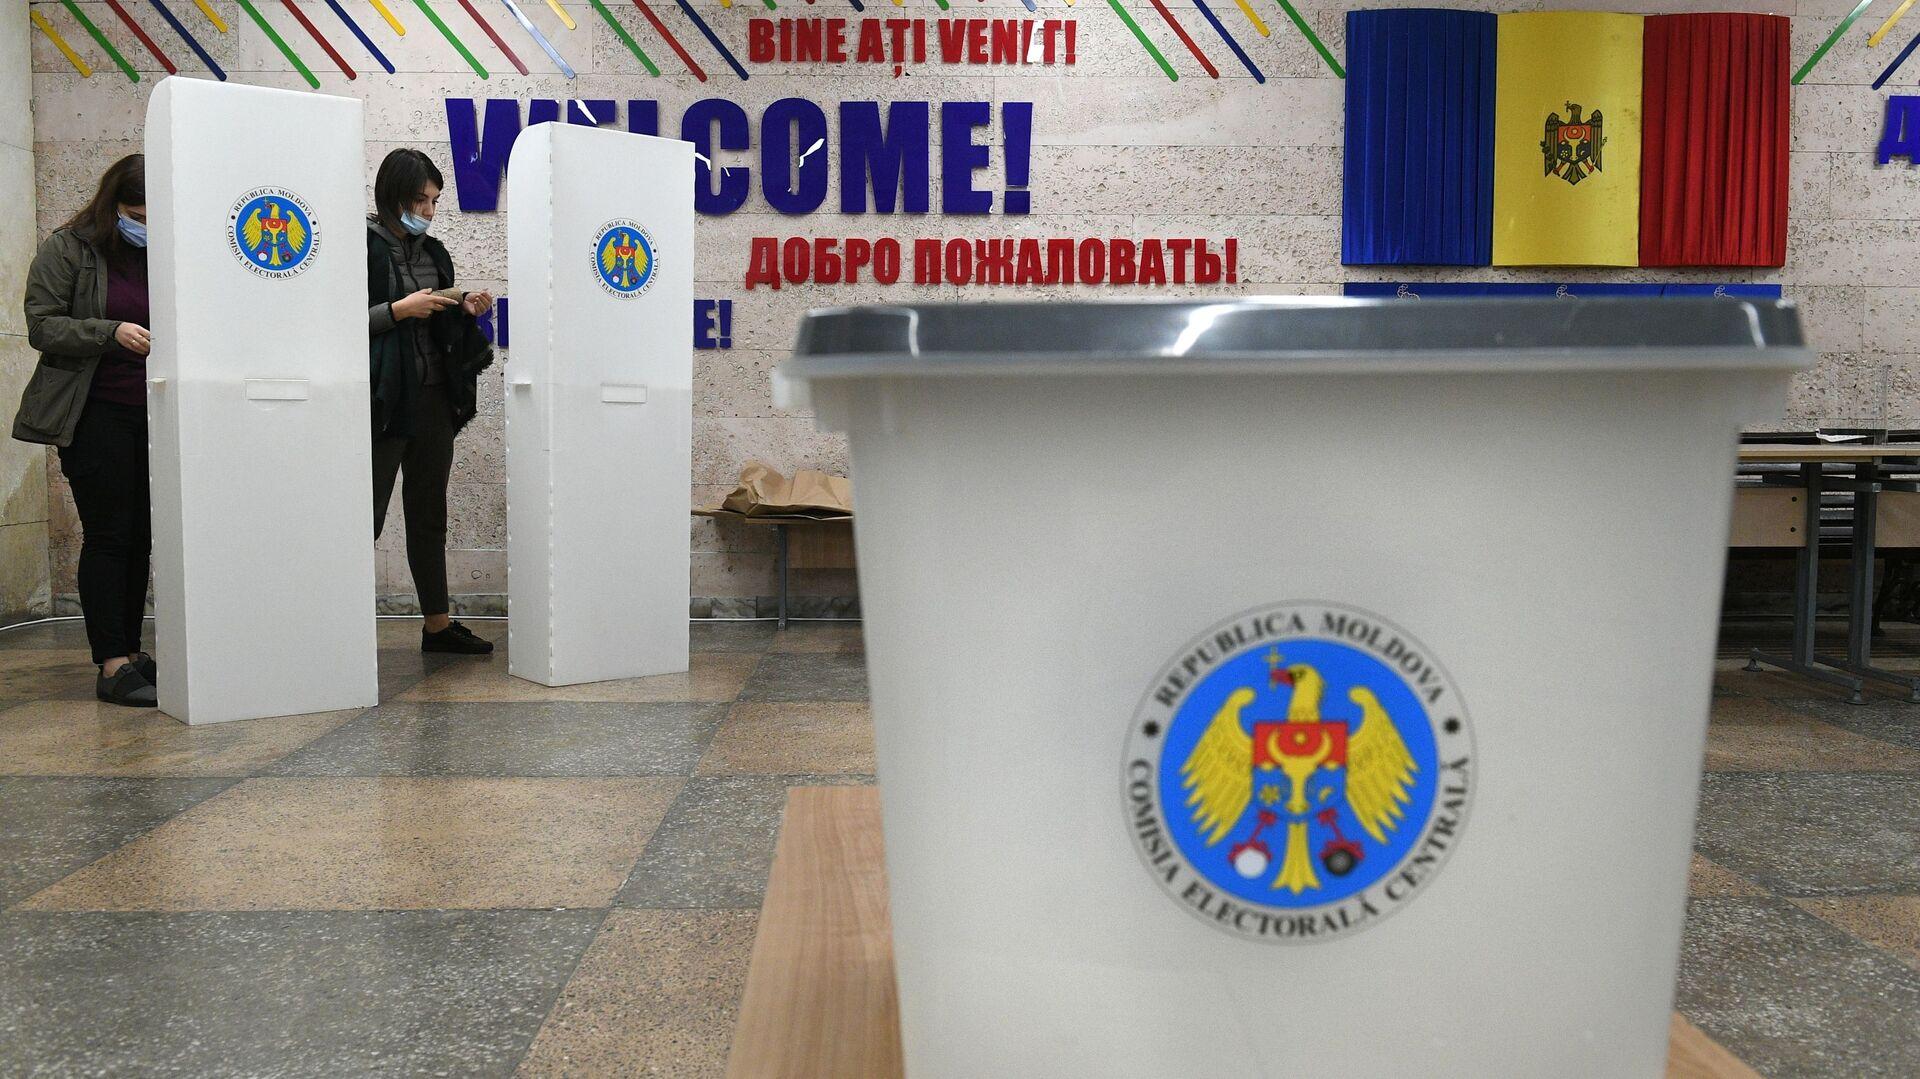 Elecciones presidenciales en Moldavia - Sputnik Mundo, 1920, 12.07.2021